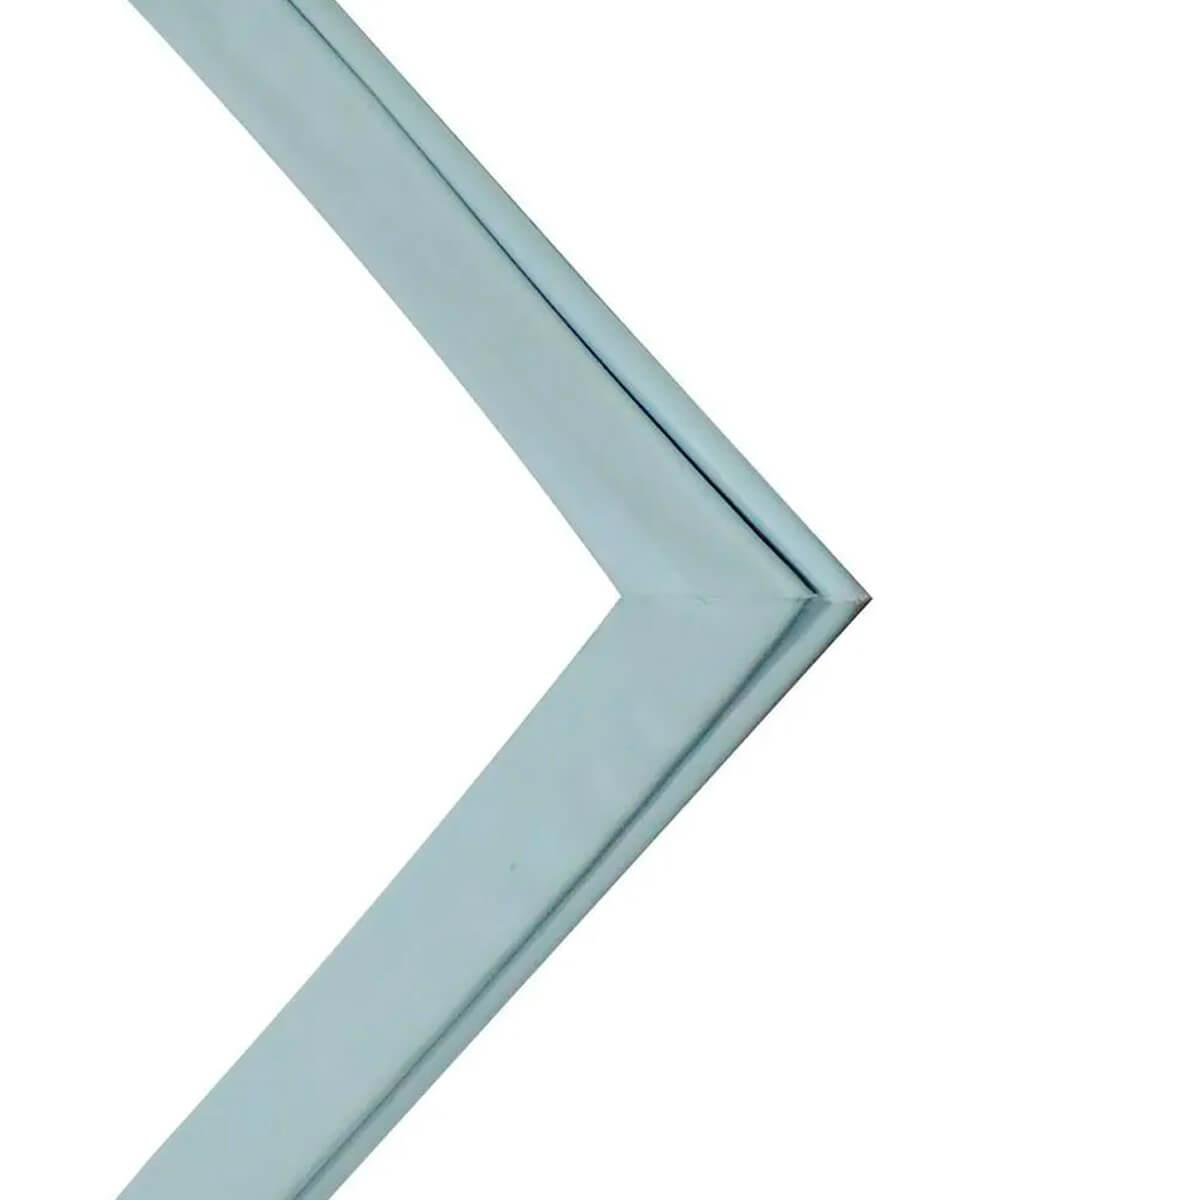 Gaxeta Porta Do Freezer Refrigerador Electrolux - 3012324700